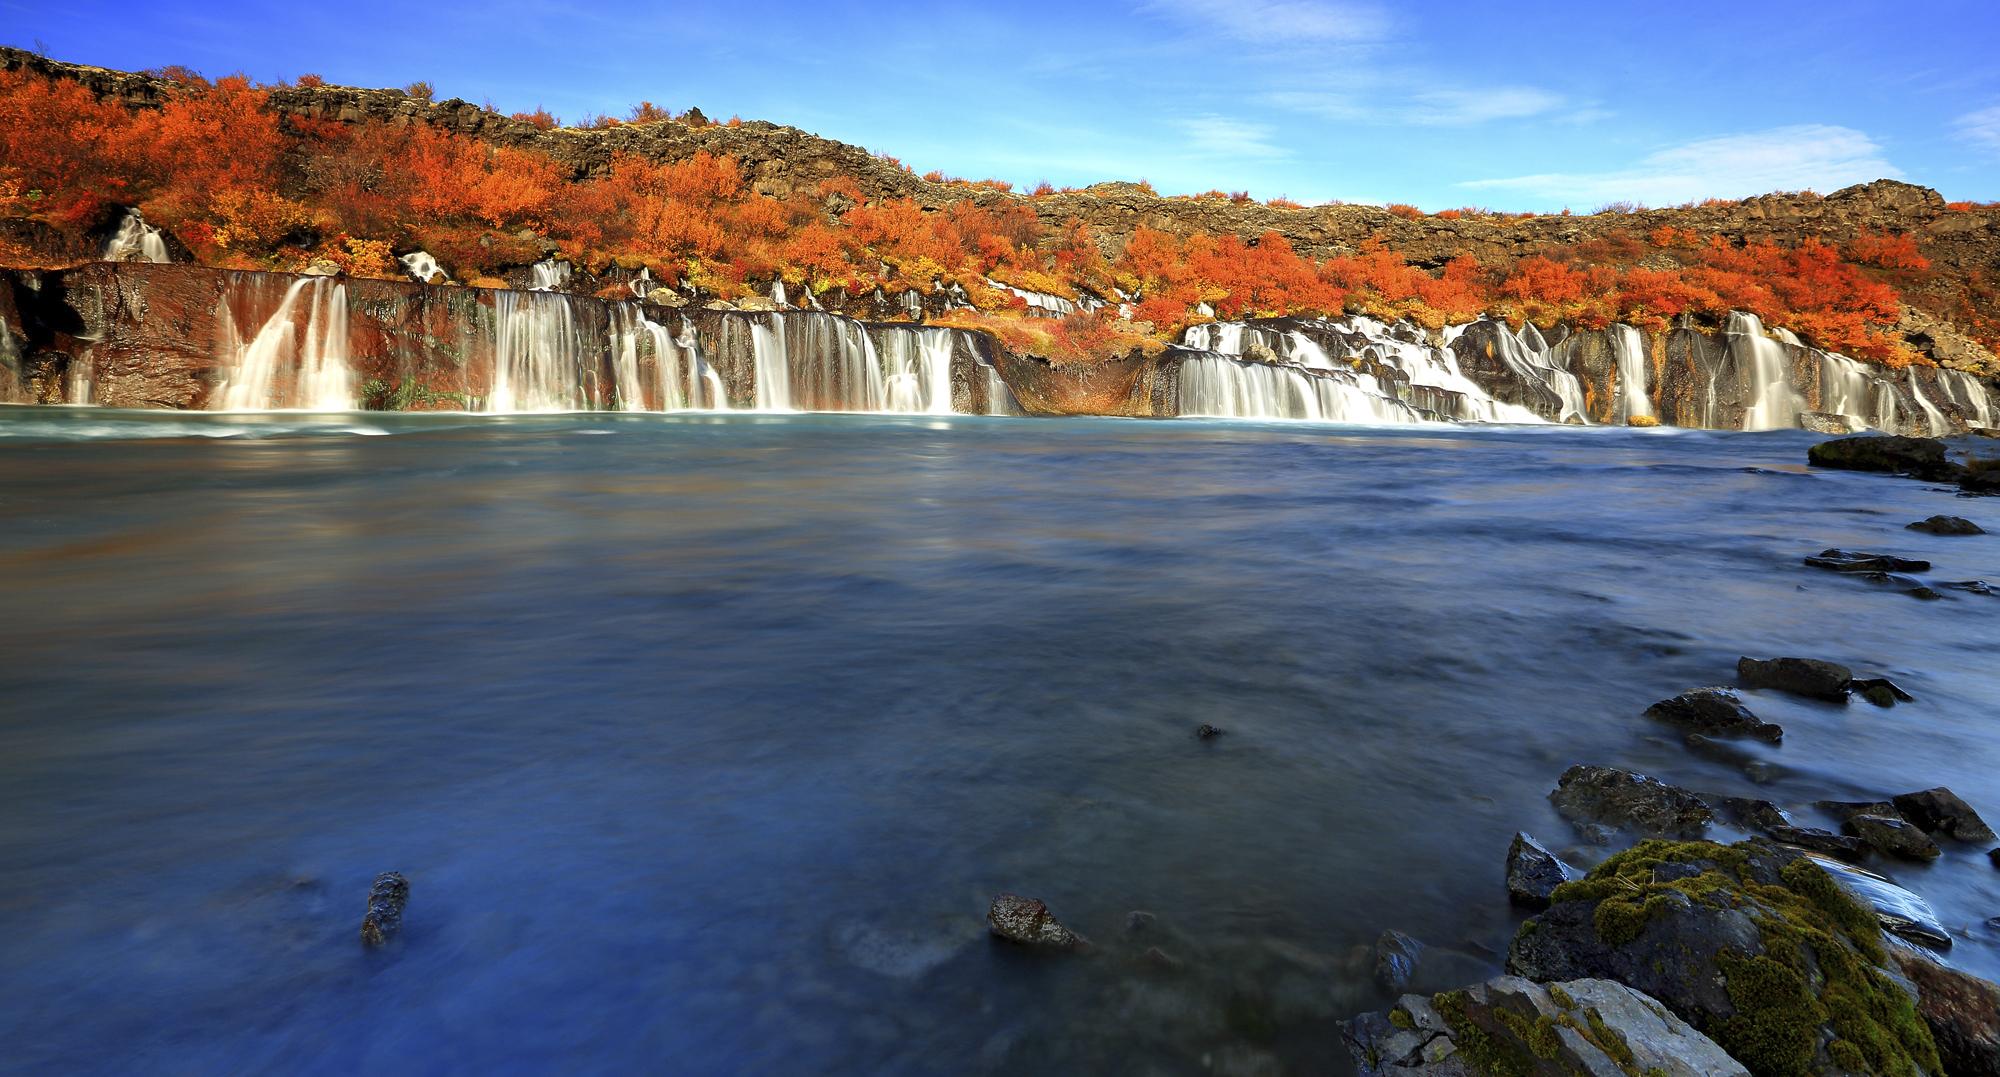 Wasserfall Hraunfossar mit Herbstfarben